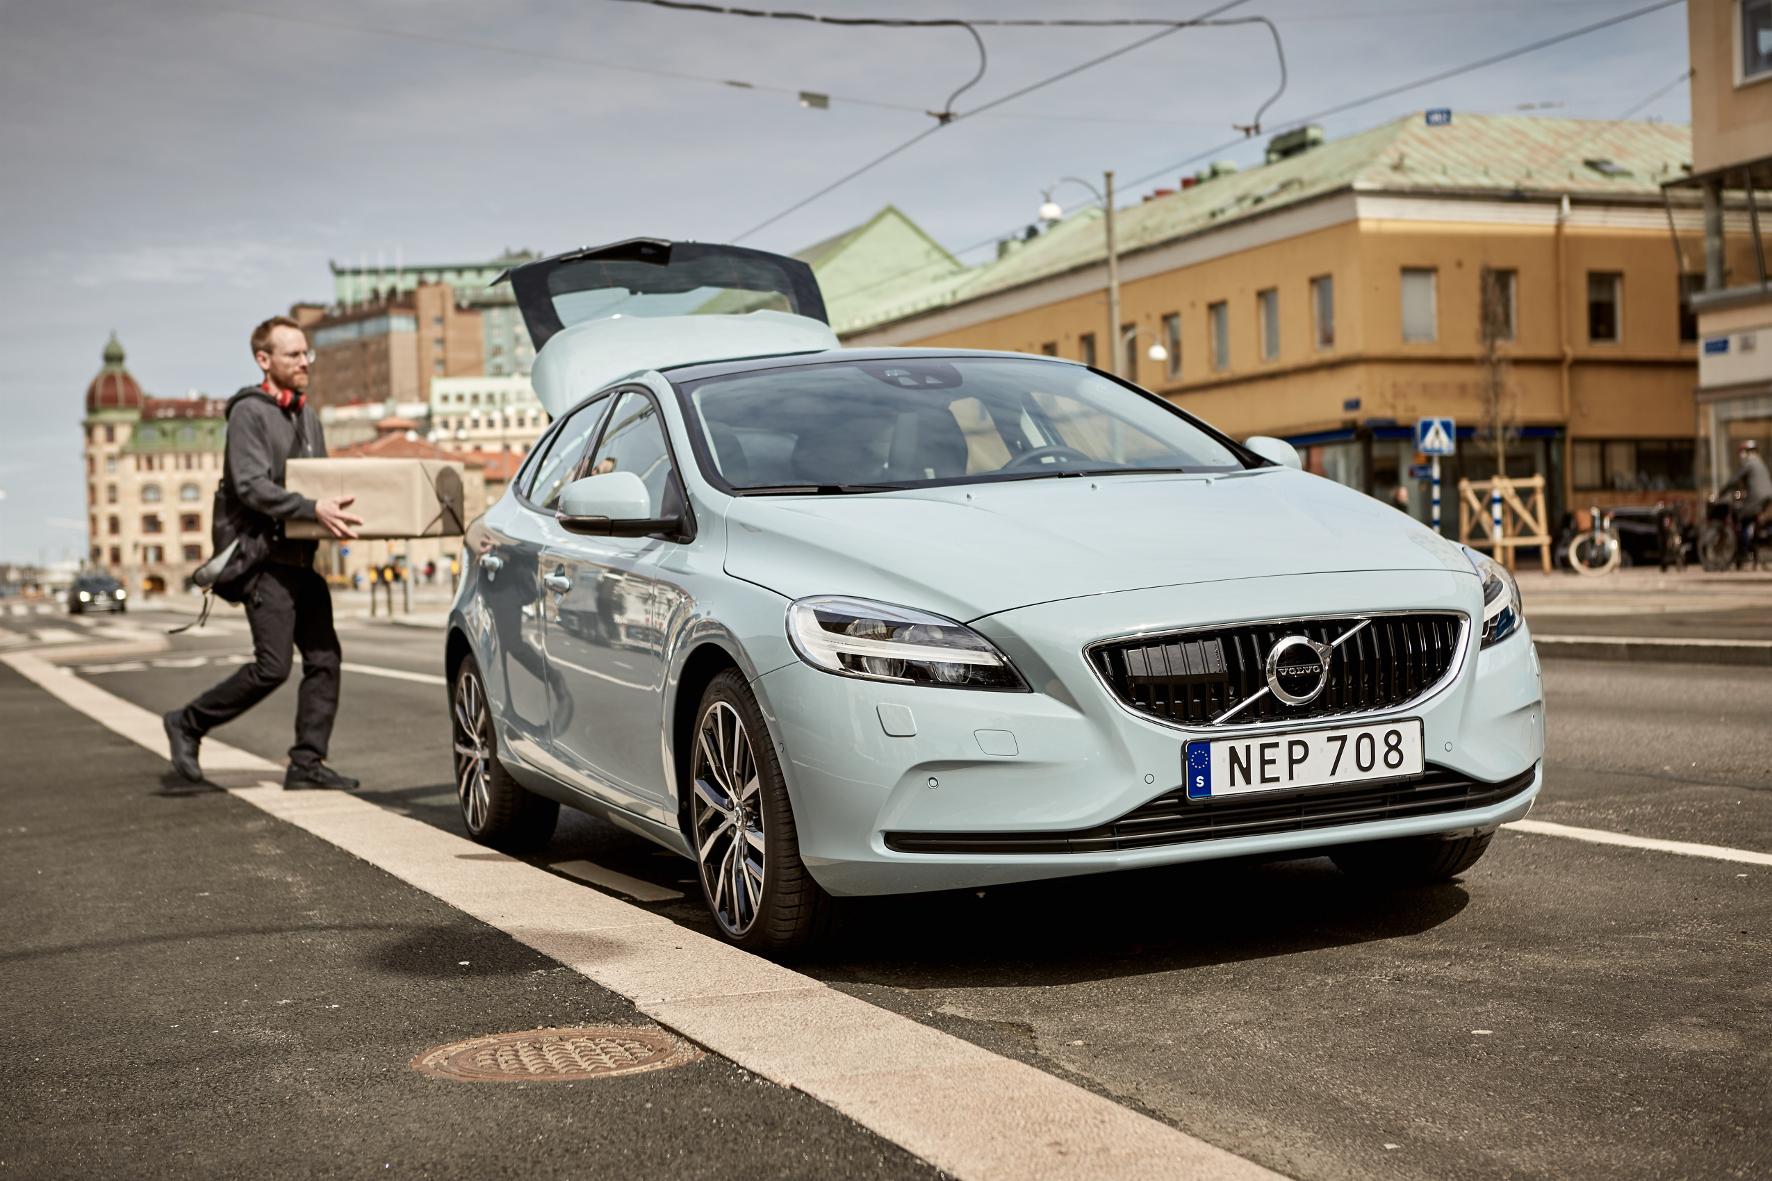 mid Groß-Gerau - Ein Volvo als Paketstation: Der schwedische Autobauer ermöglicht jetzt Blitzlieferungen von Online-Bestellungen innerhalb von nur zwei Stunden.